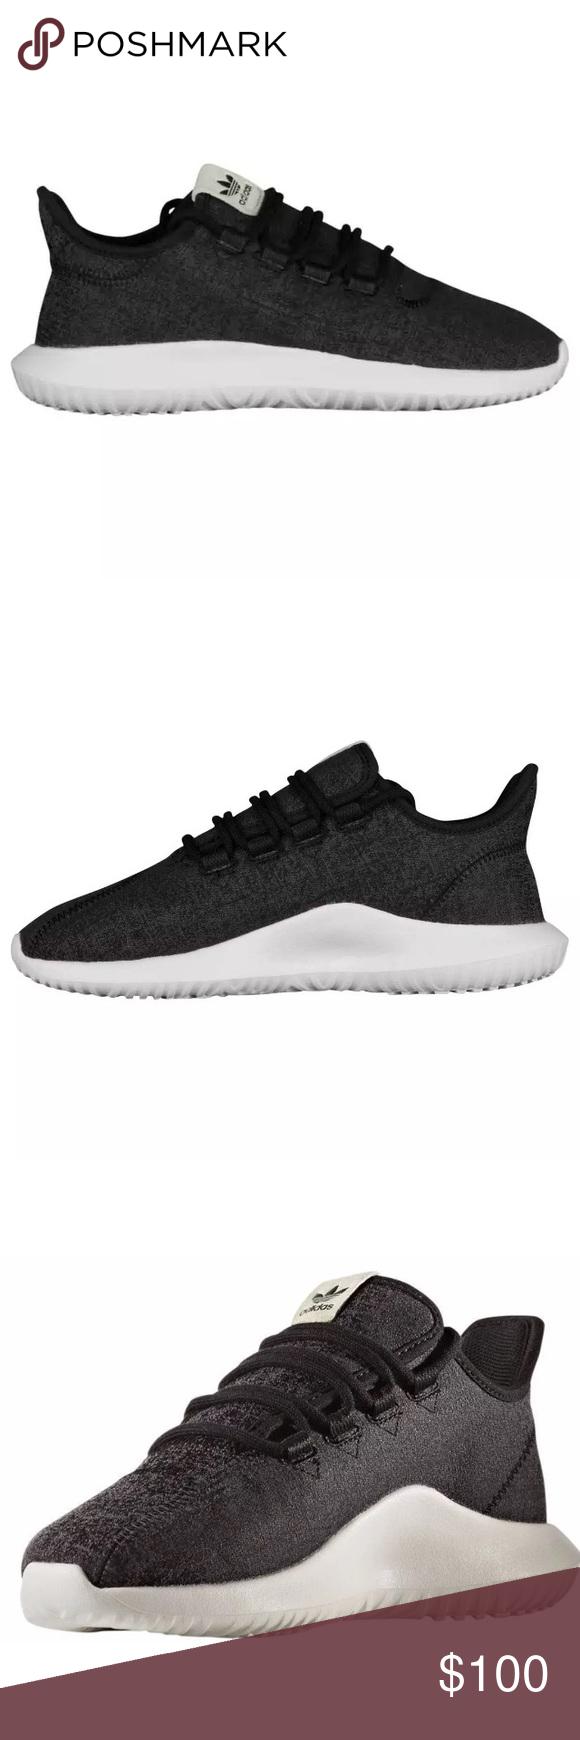 Adidas donne ombra nwt la posh sceglie originali tubulare